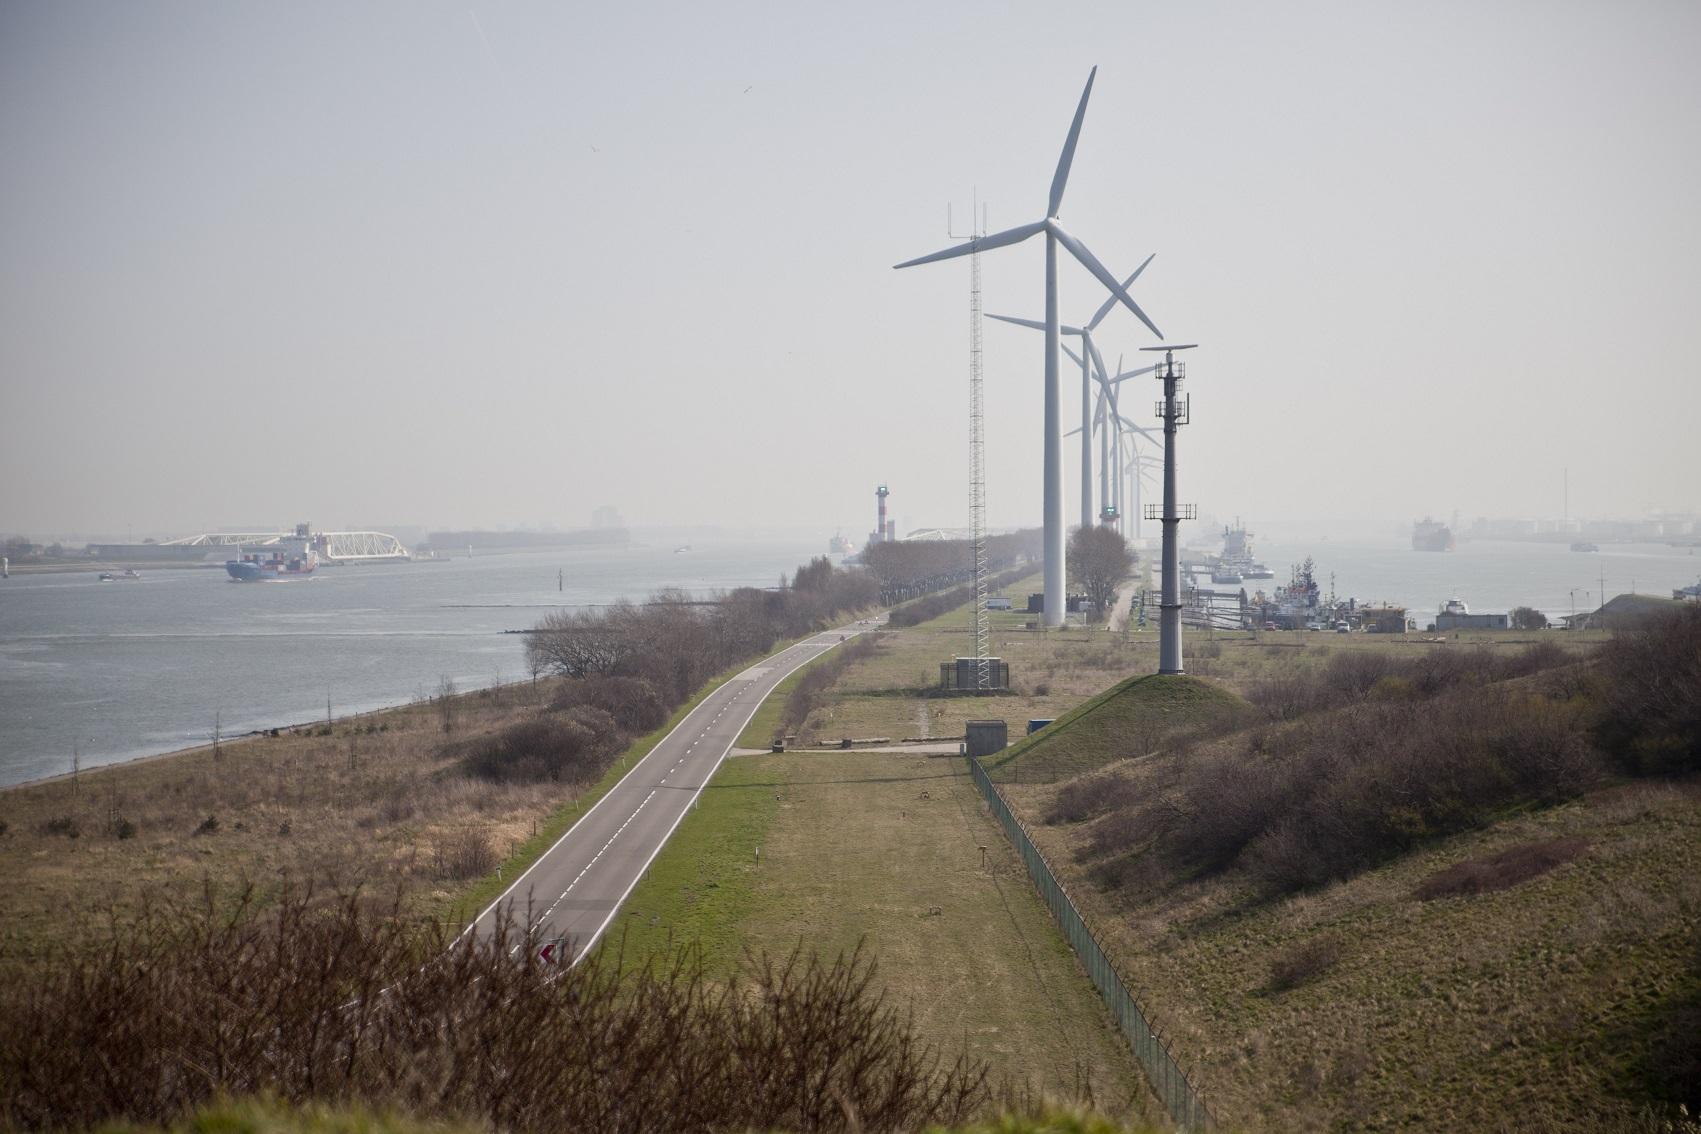 Windmolens Noordzeeweg fotograag Claire Droppert